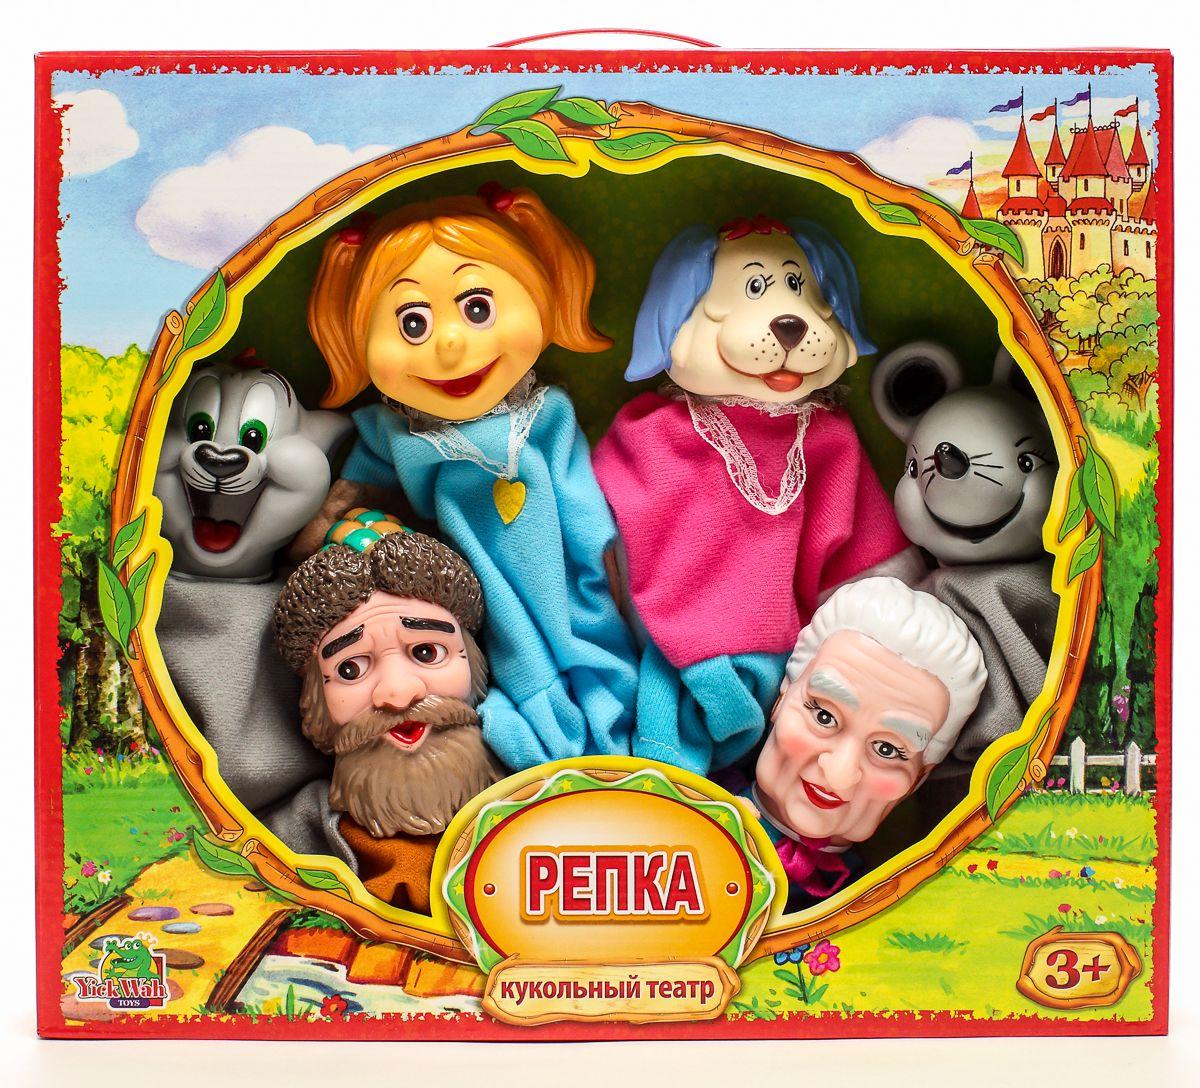 Yick Wah Кукольный театр Репка vladi toys магнитный кукольный театр репка